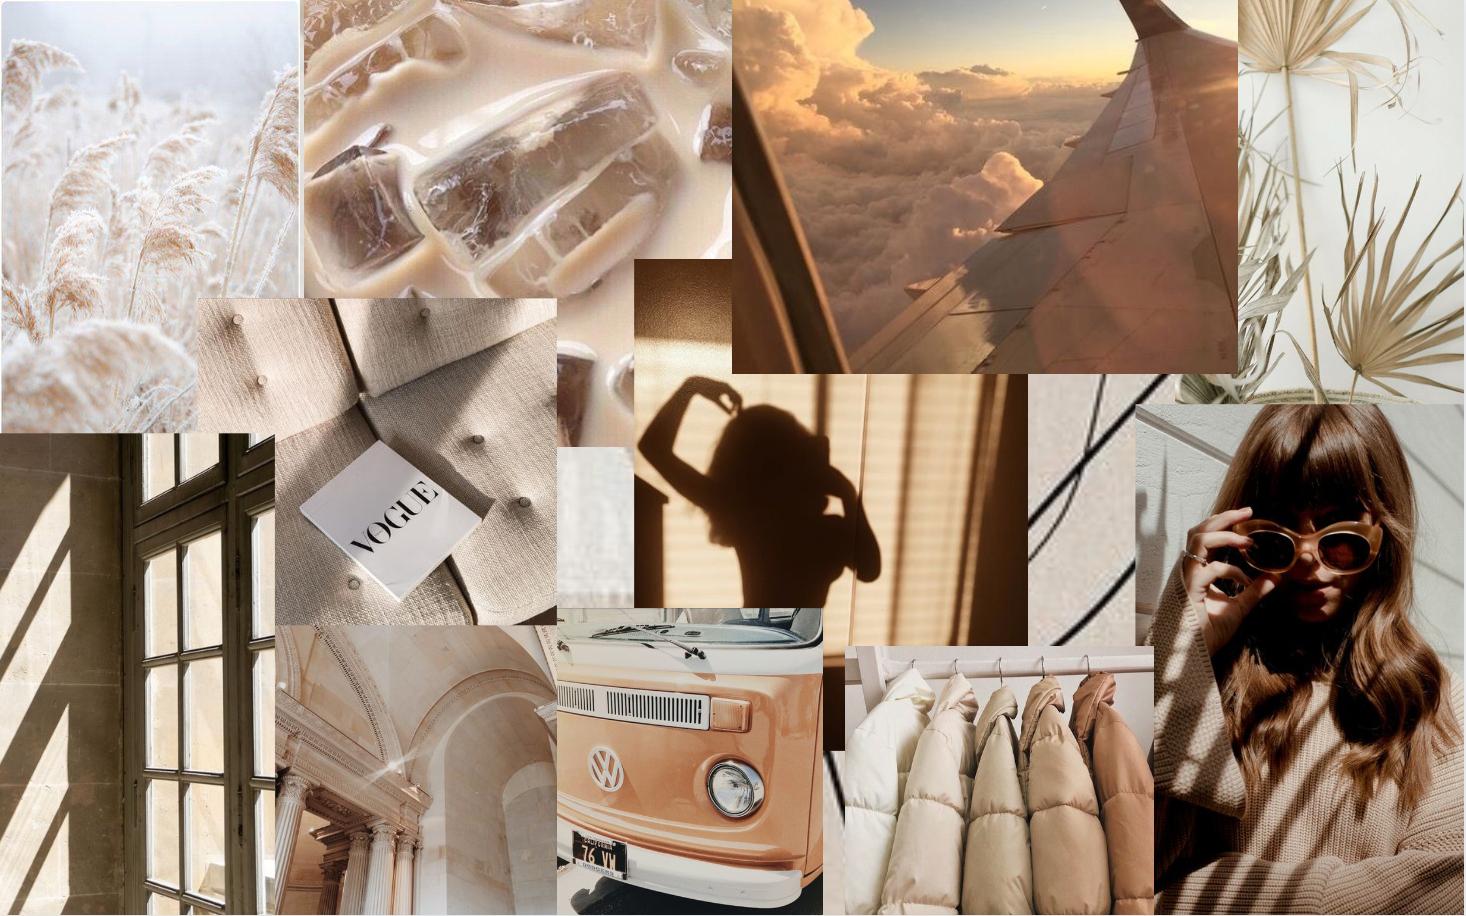 15 beige aesthetic macbook wallpaper collage pictures